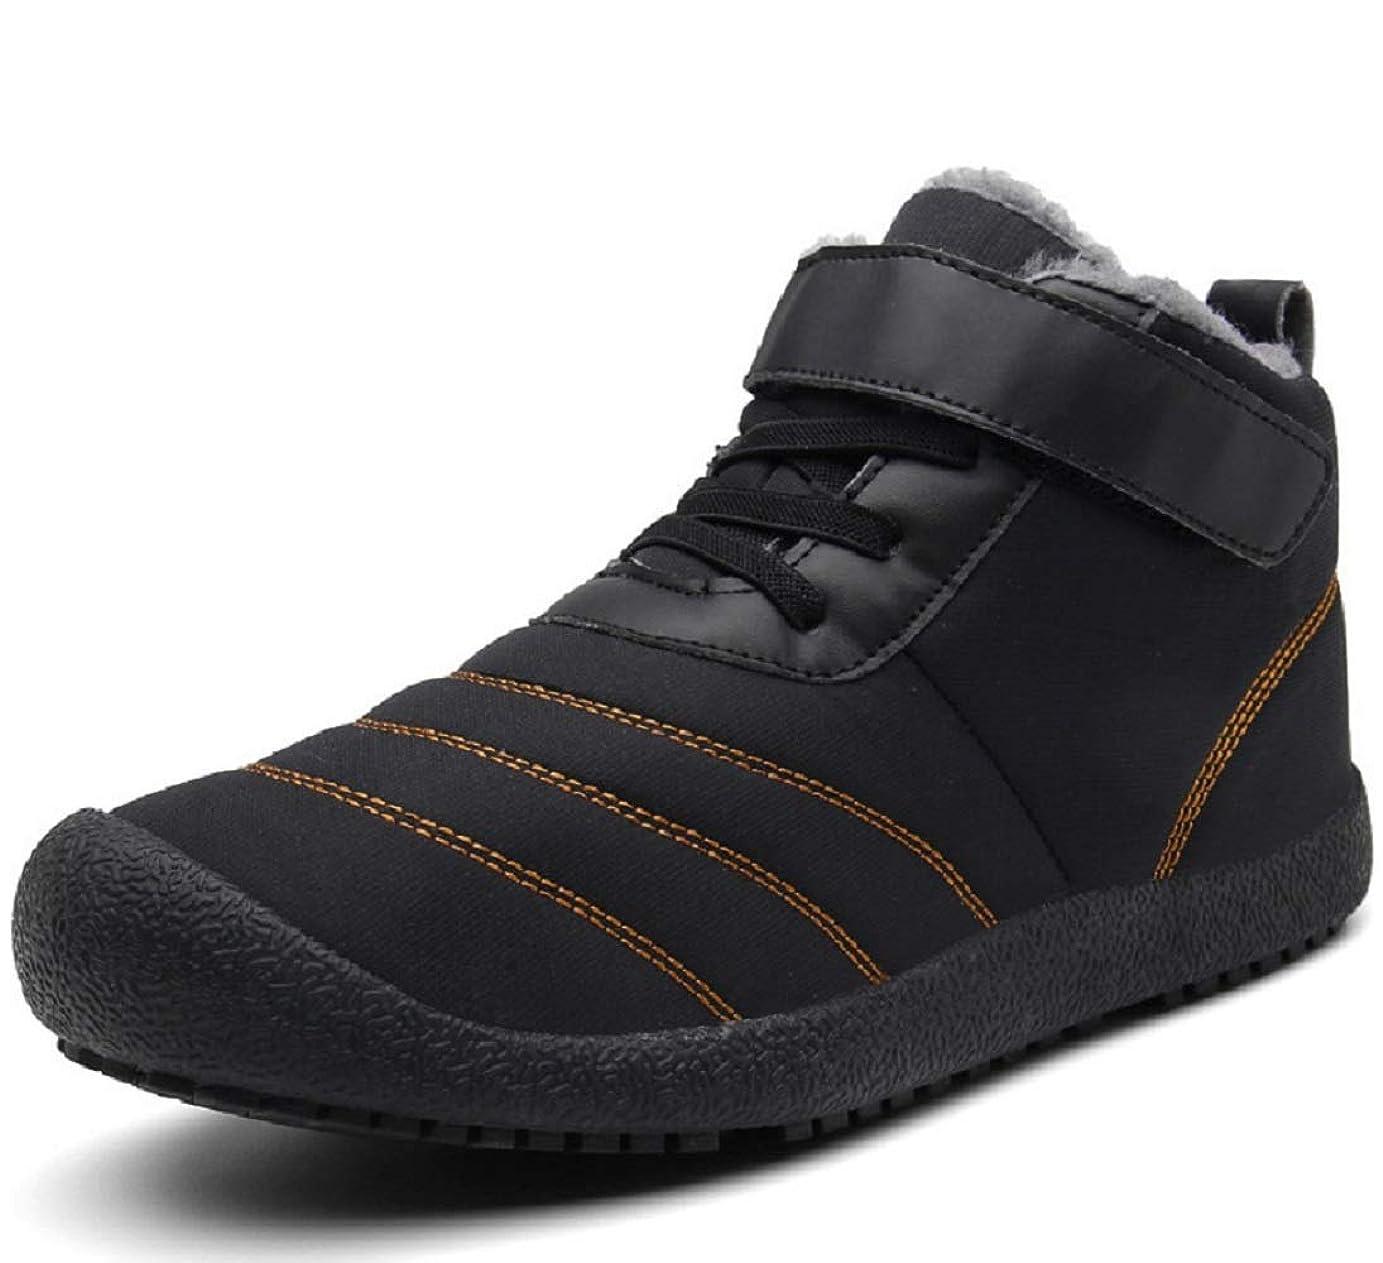 法廷提案卵安全靴 作業靴 ハイカット メンズ 防水 耐油 通気 鋼先芯入(JIS H級相当) 黒 防寒 通気 滑り止め 裏起毛タイプ選択可